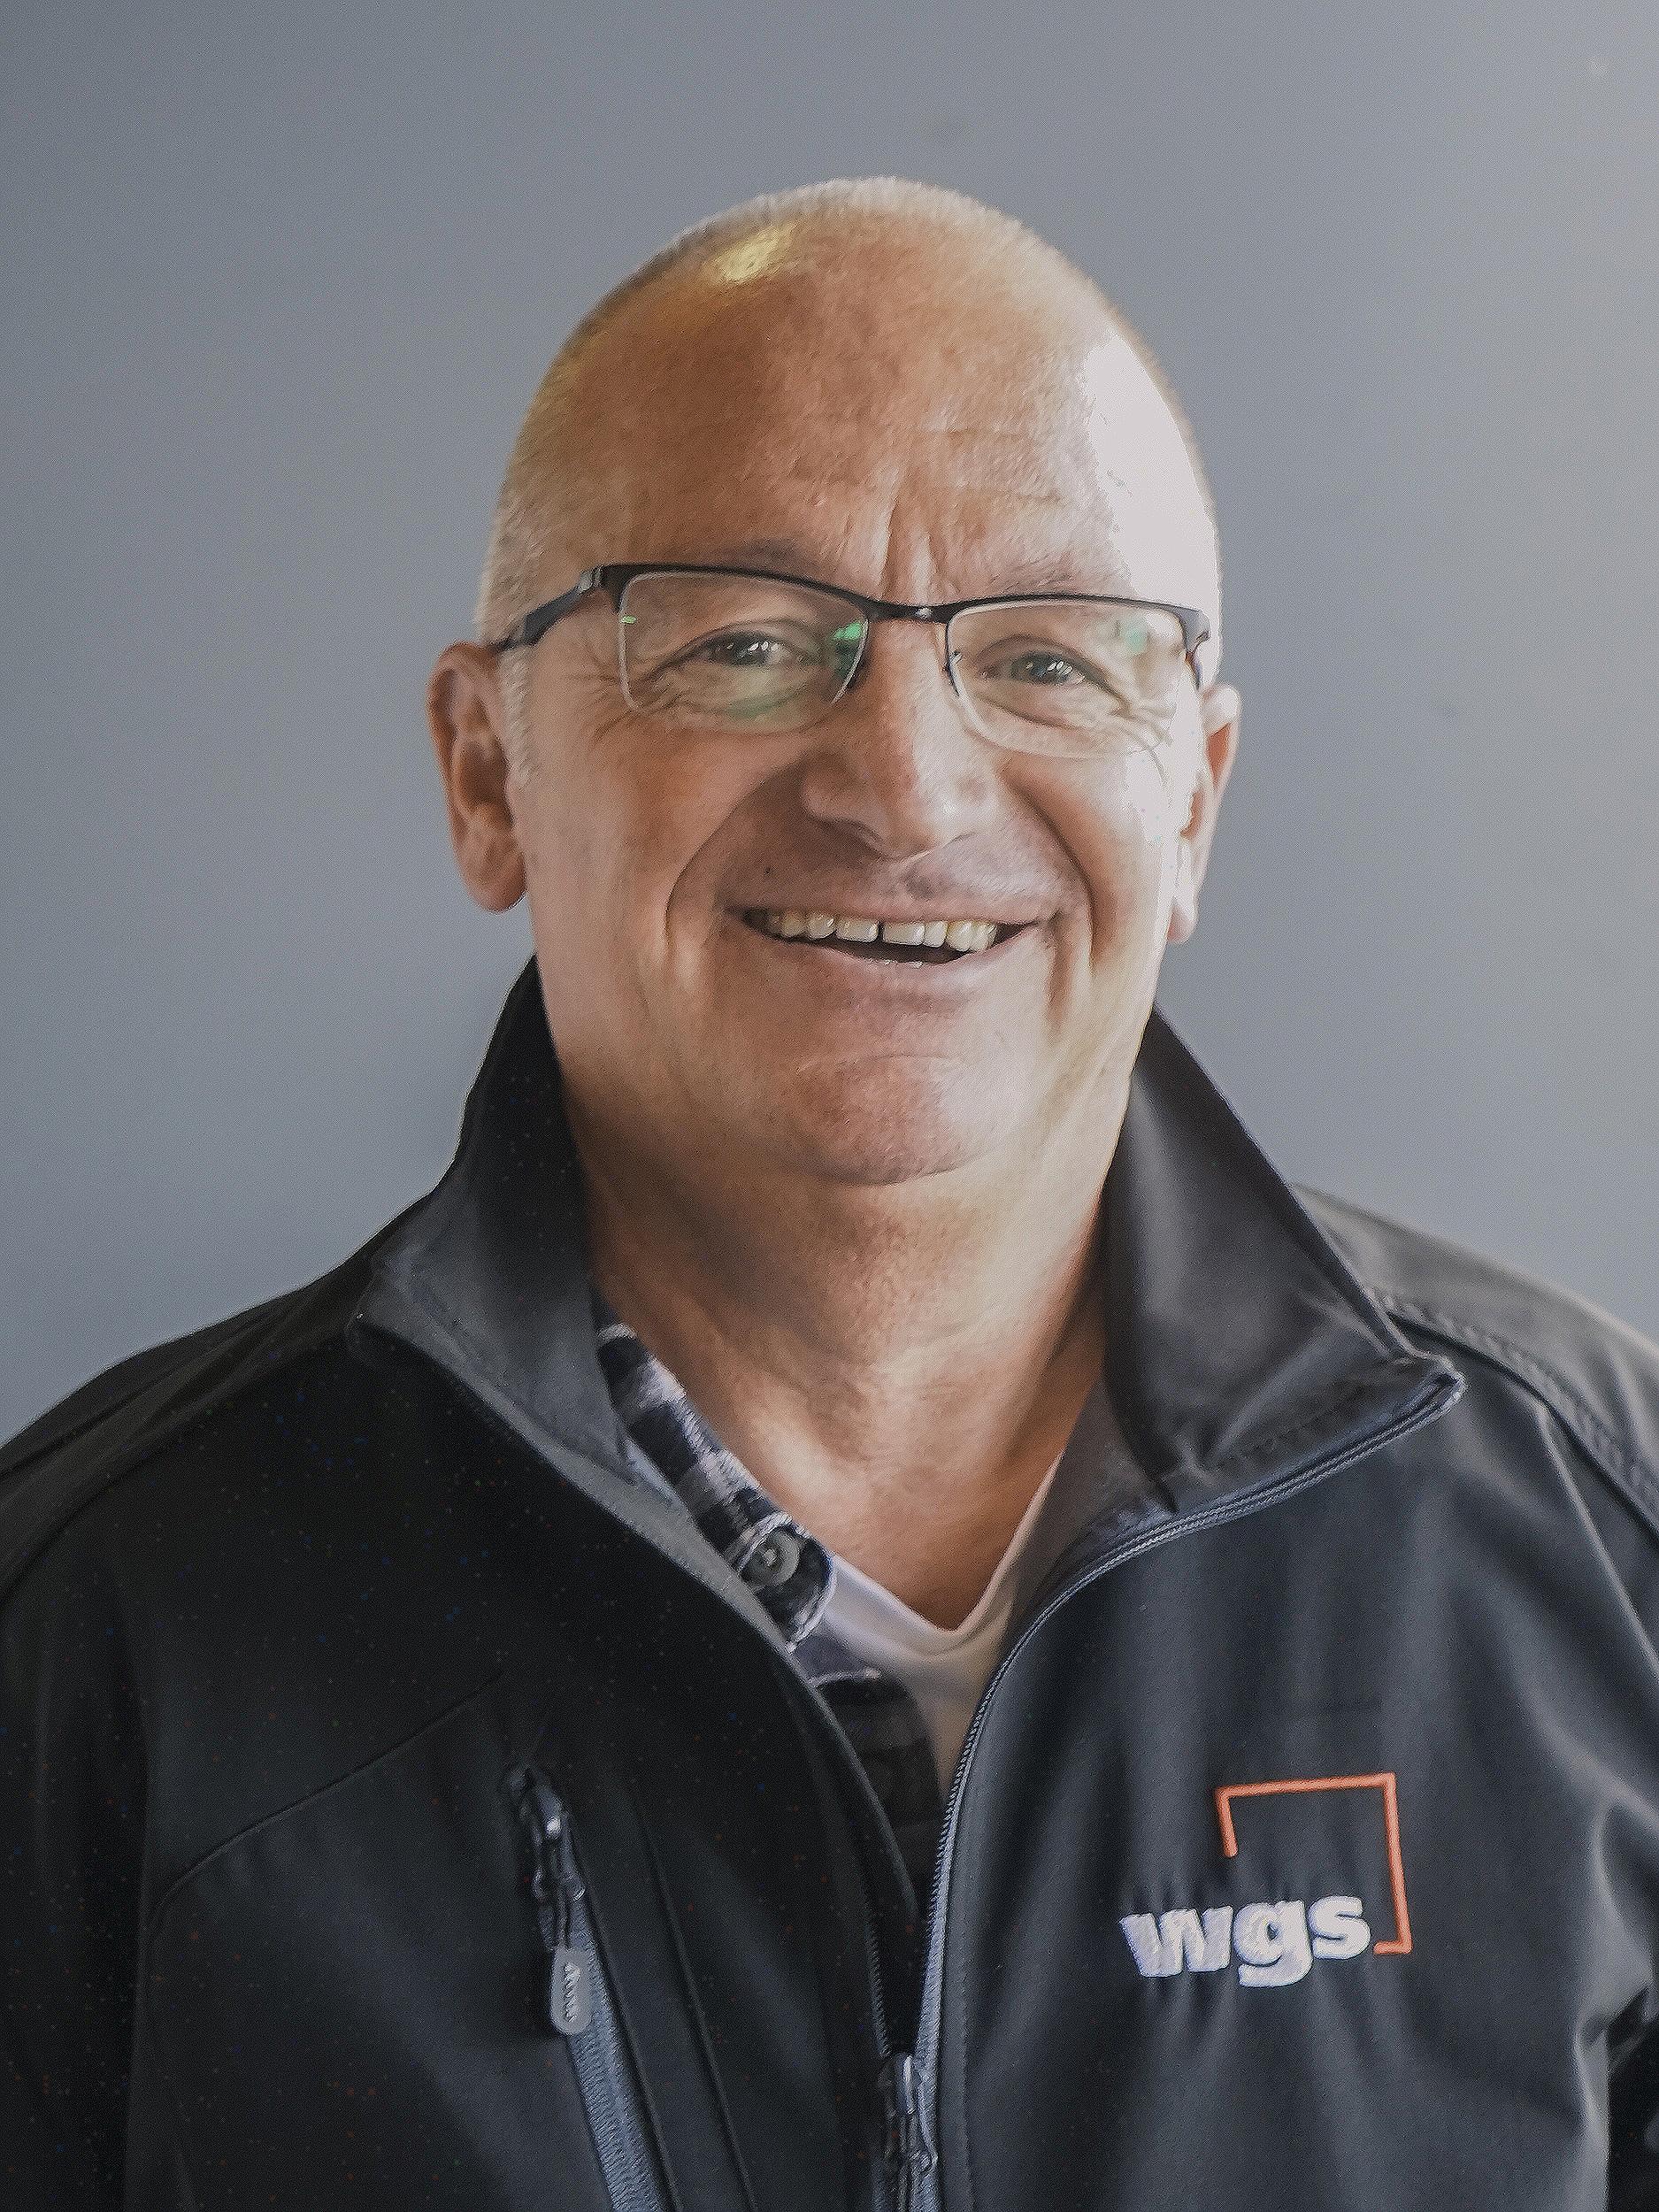 Pierre-Alain Marrel